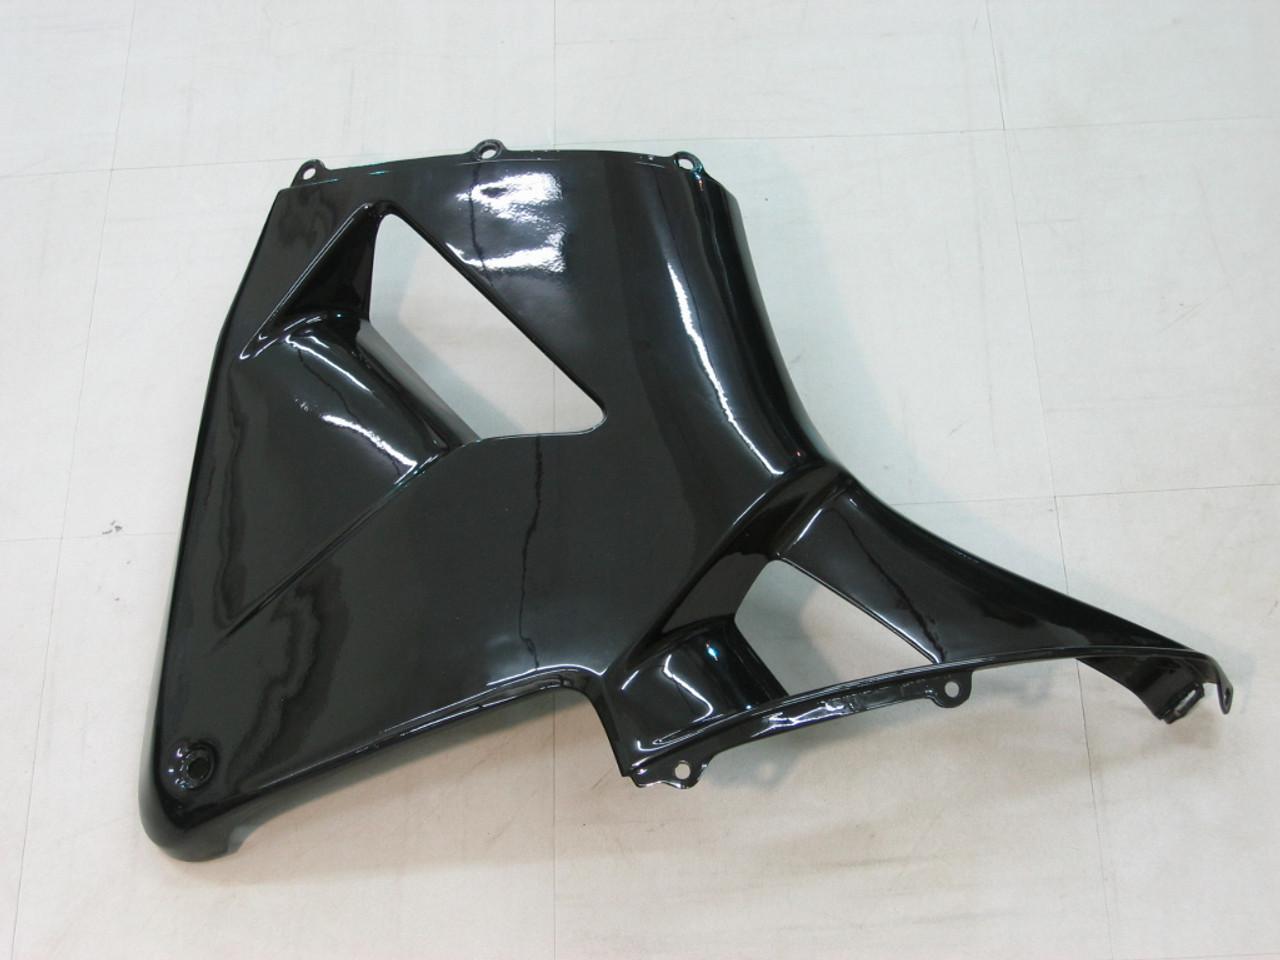 Fairings Honda CBR 600 RR Black & Silver Honda Racing (2003-2004)